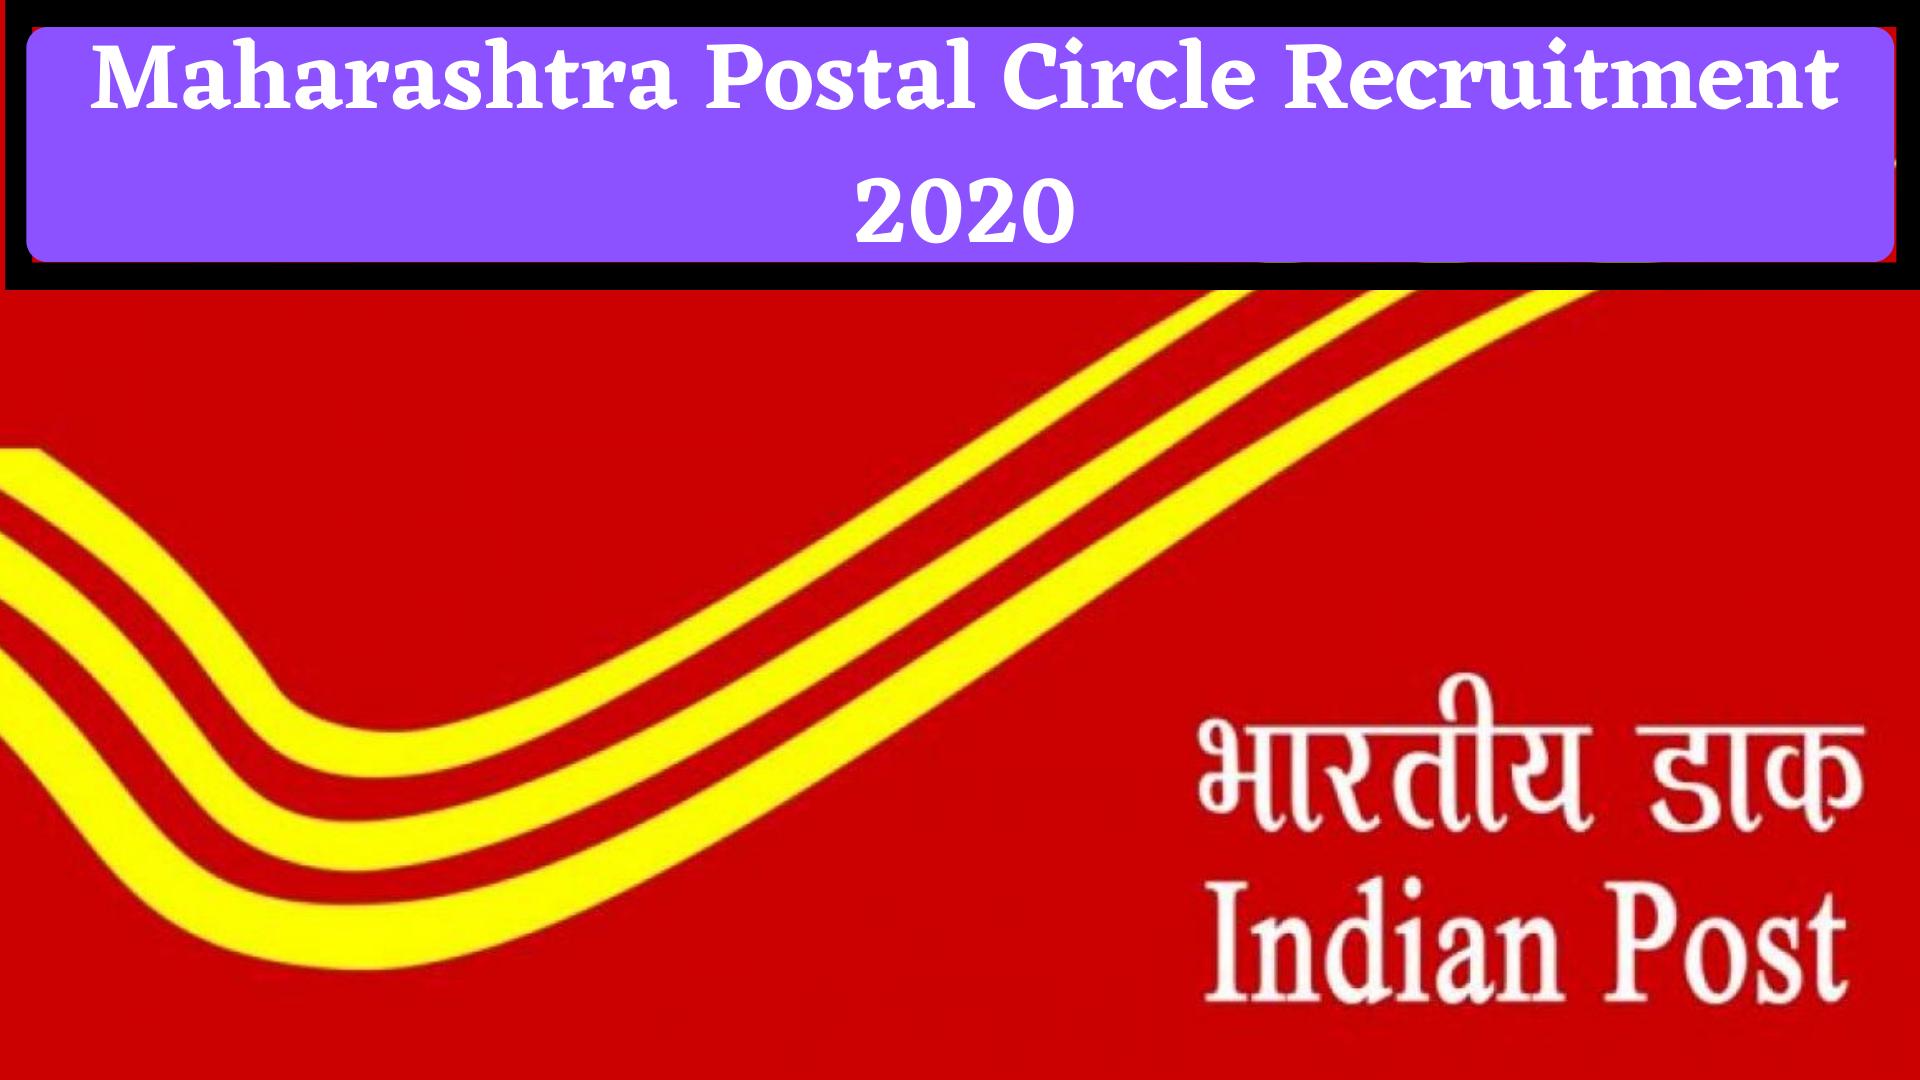 Indian Post Recruitment 2020 Apply Online Motor Vehicle Mechanic, Welder & Posts Jobs